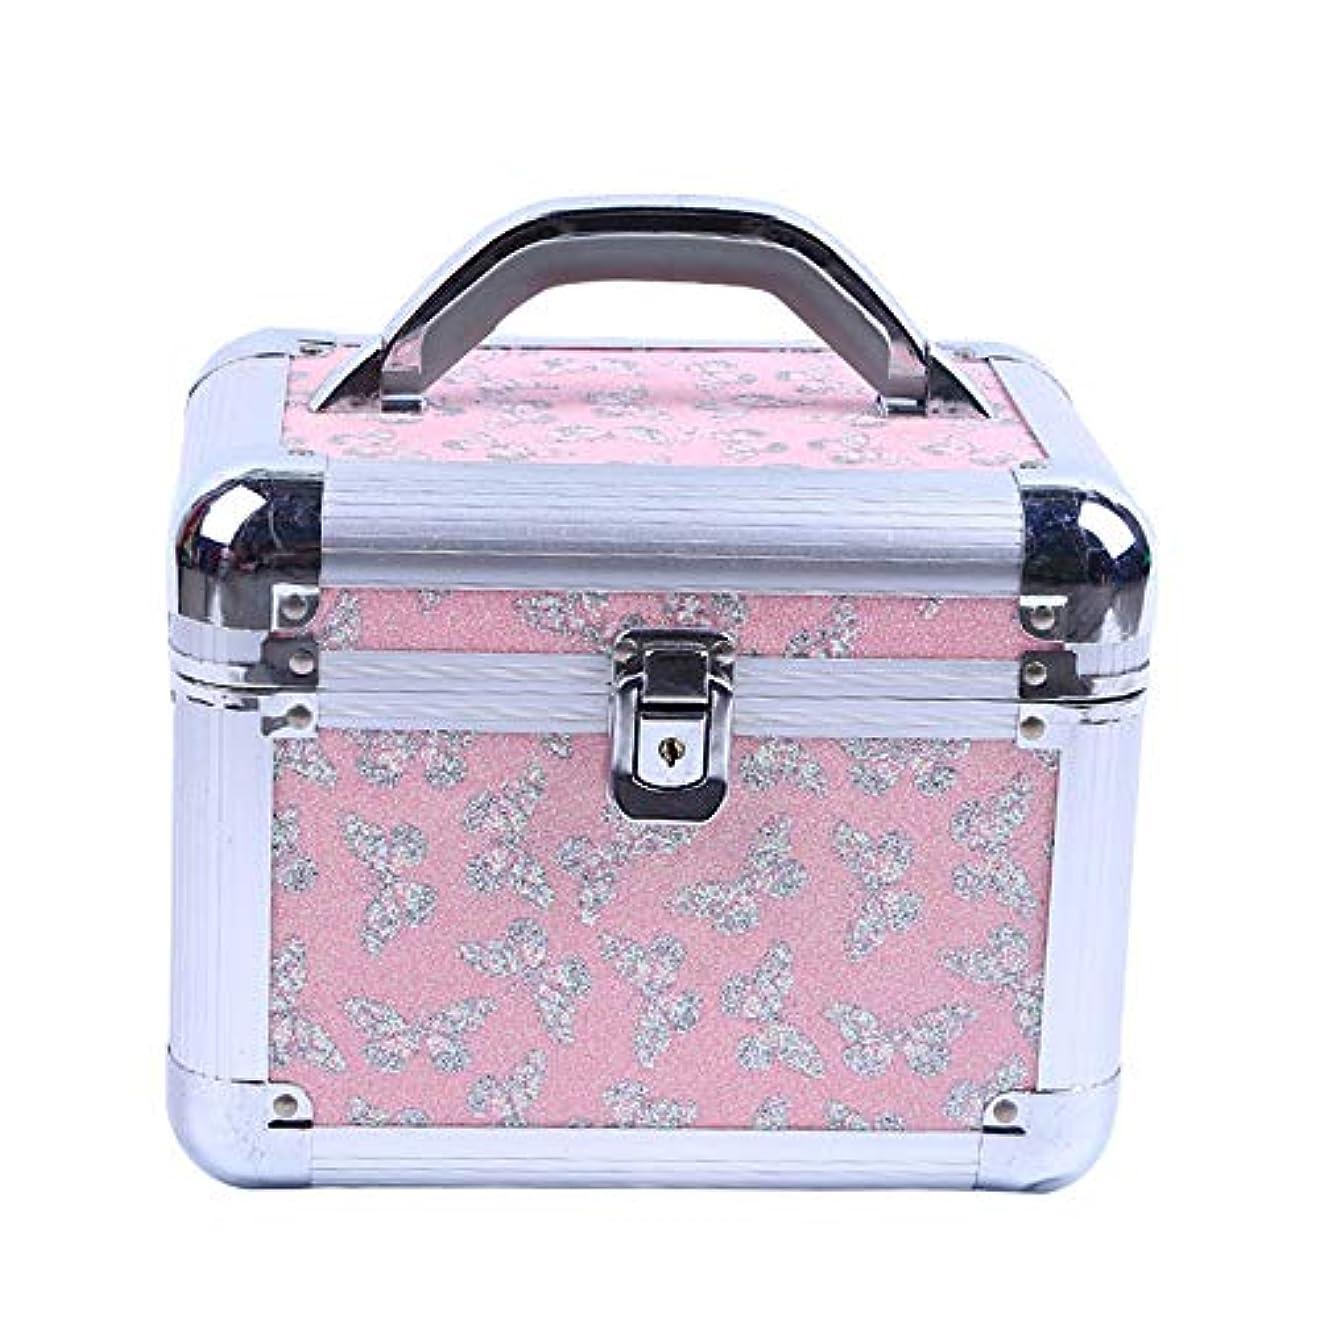 できる架空の服化粧オーガナイザーバッグ 美容メイクアップと女性の女性のためのポータブルメイクトレインケース旅行とロック付きアルミフレームと毎日のストレージ 化粧品ケース